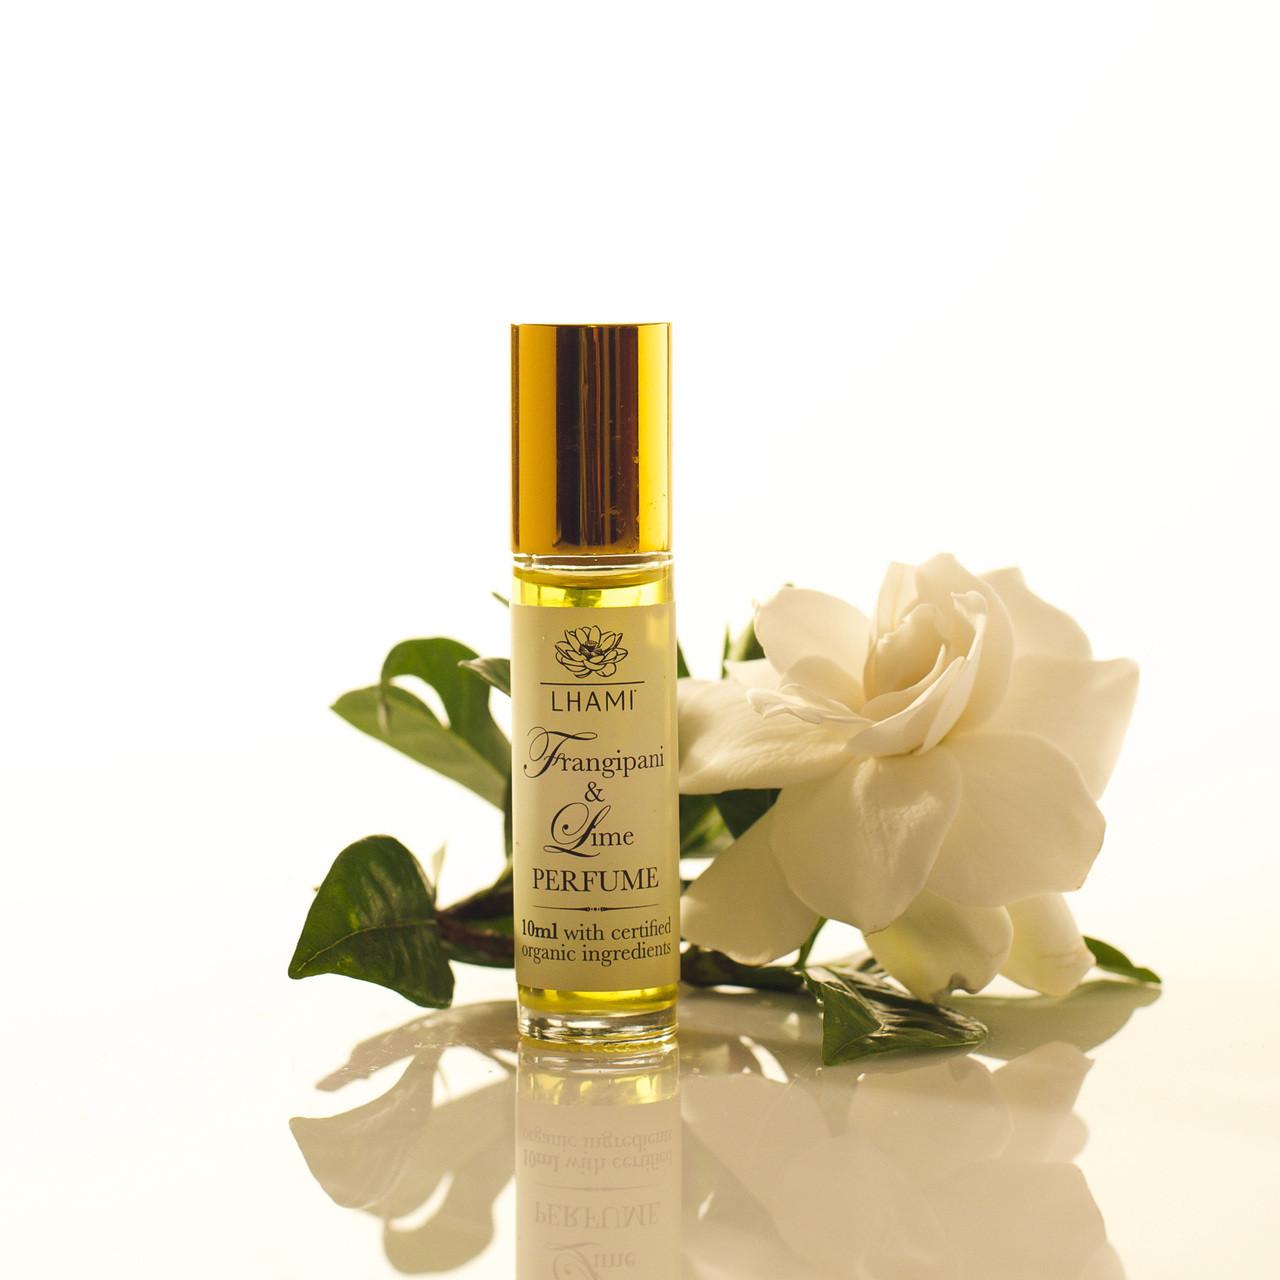 Frangipani Amp Lime Perfume Lhami